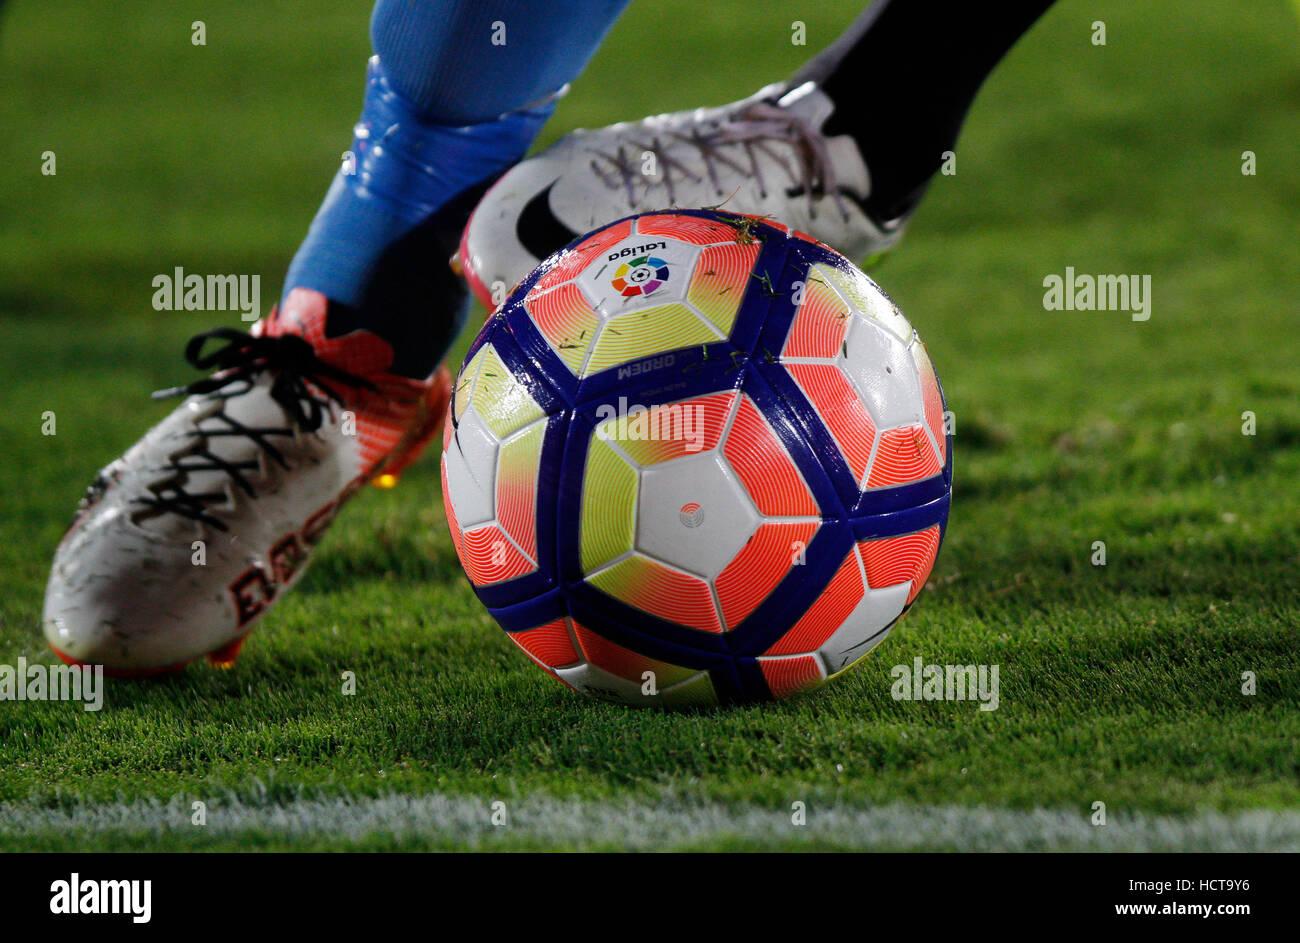 Detalle de los pies de un jugador de fútbol con el balón Imagen De Stock